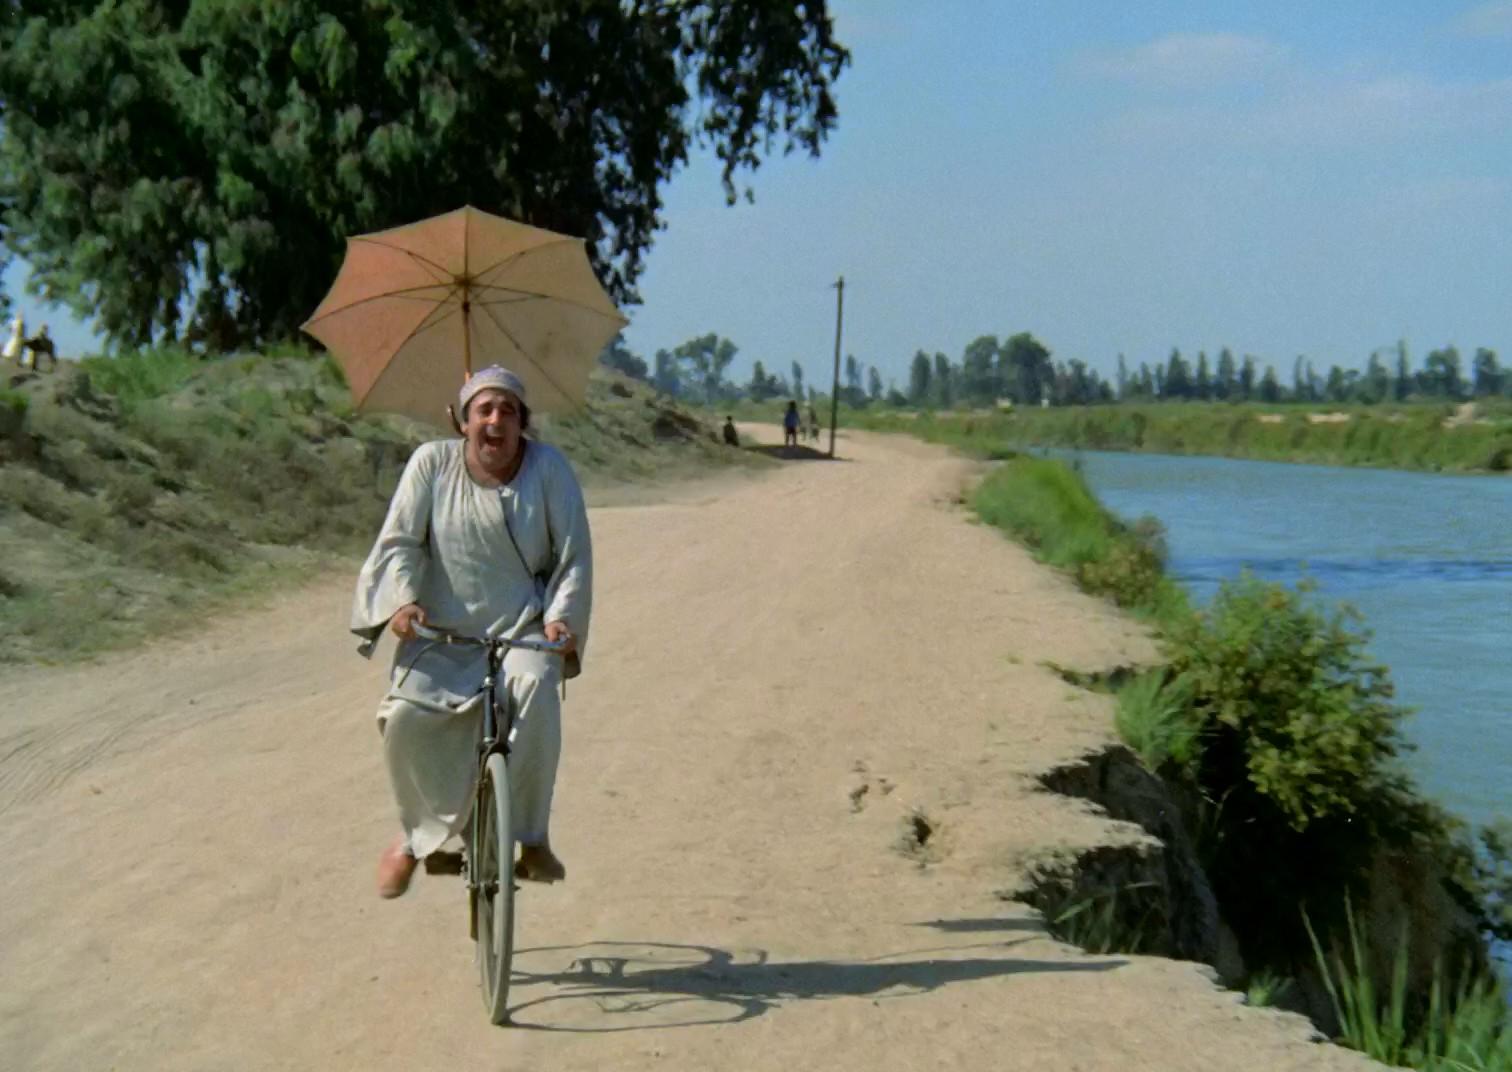 [فيلم][تورنت][تحميل][صراع العشاق][1981][1080p][Web-DL] 7 arabp2p.com